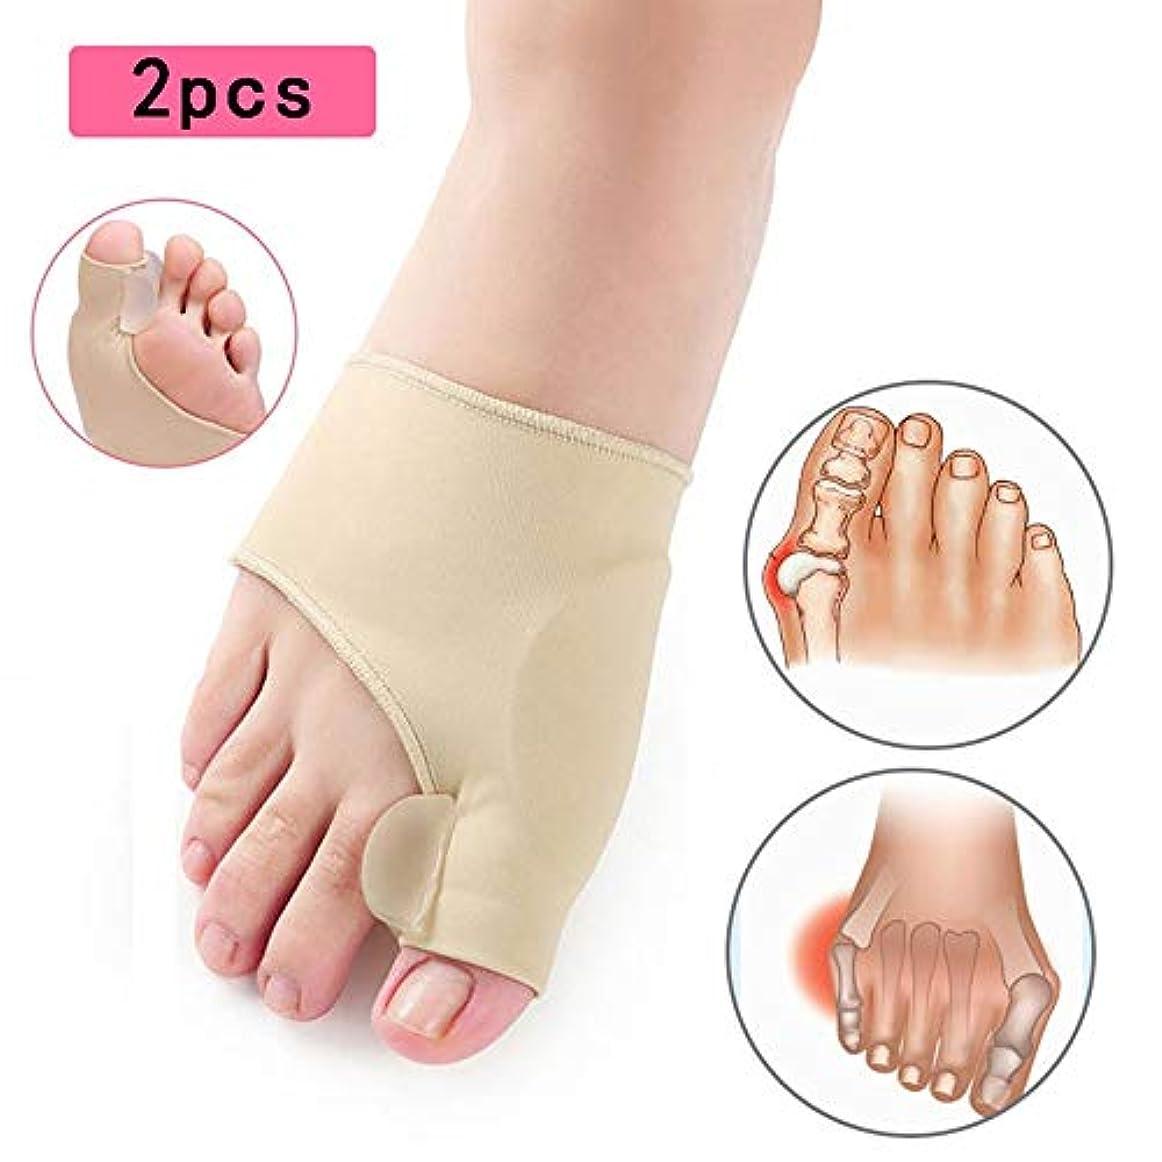 不良マラソン複雑でない1ペア親指外反母correct矯正大足矯正腱膜瘤パッド、ブレースクッション、ゲルパッドを内蔵、男性と女性の外反母Paの痛みを軽減(アプリコット色)